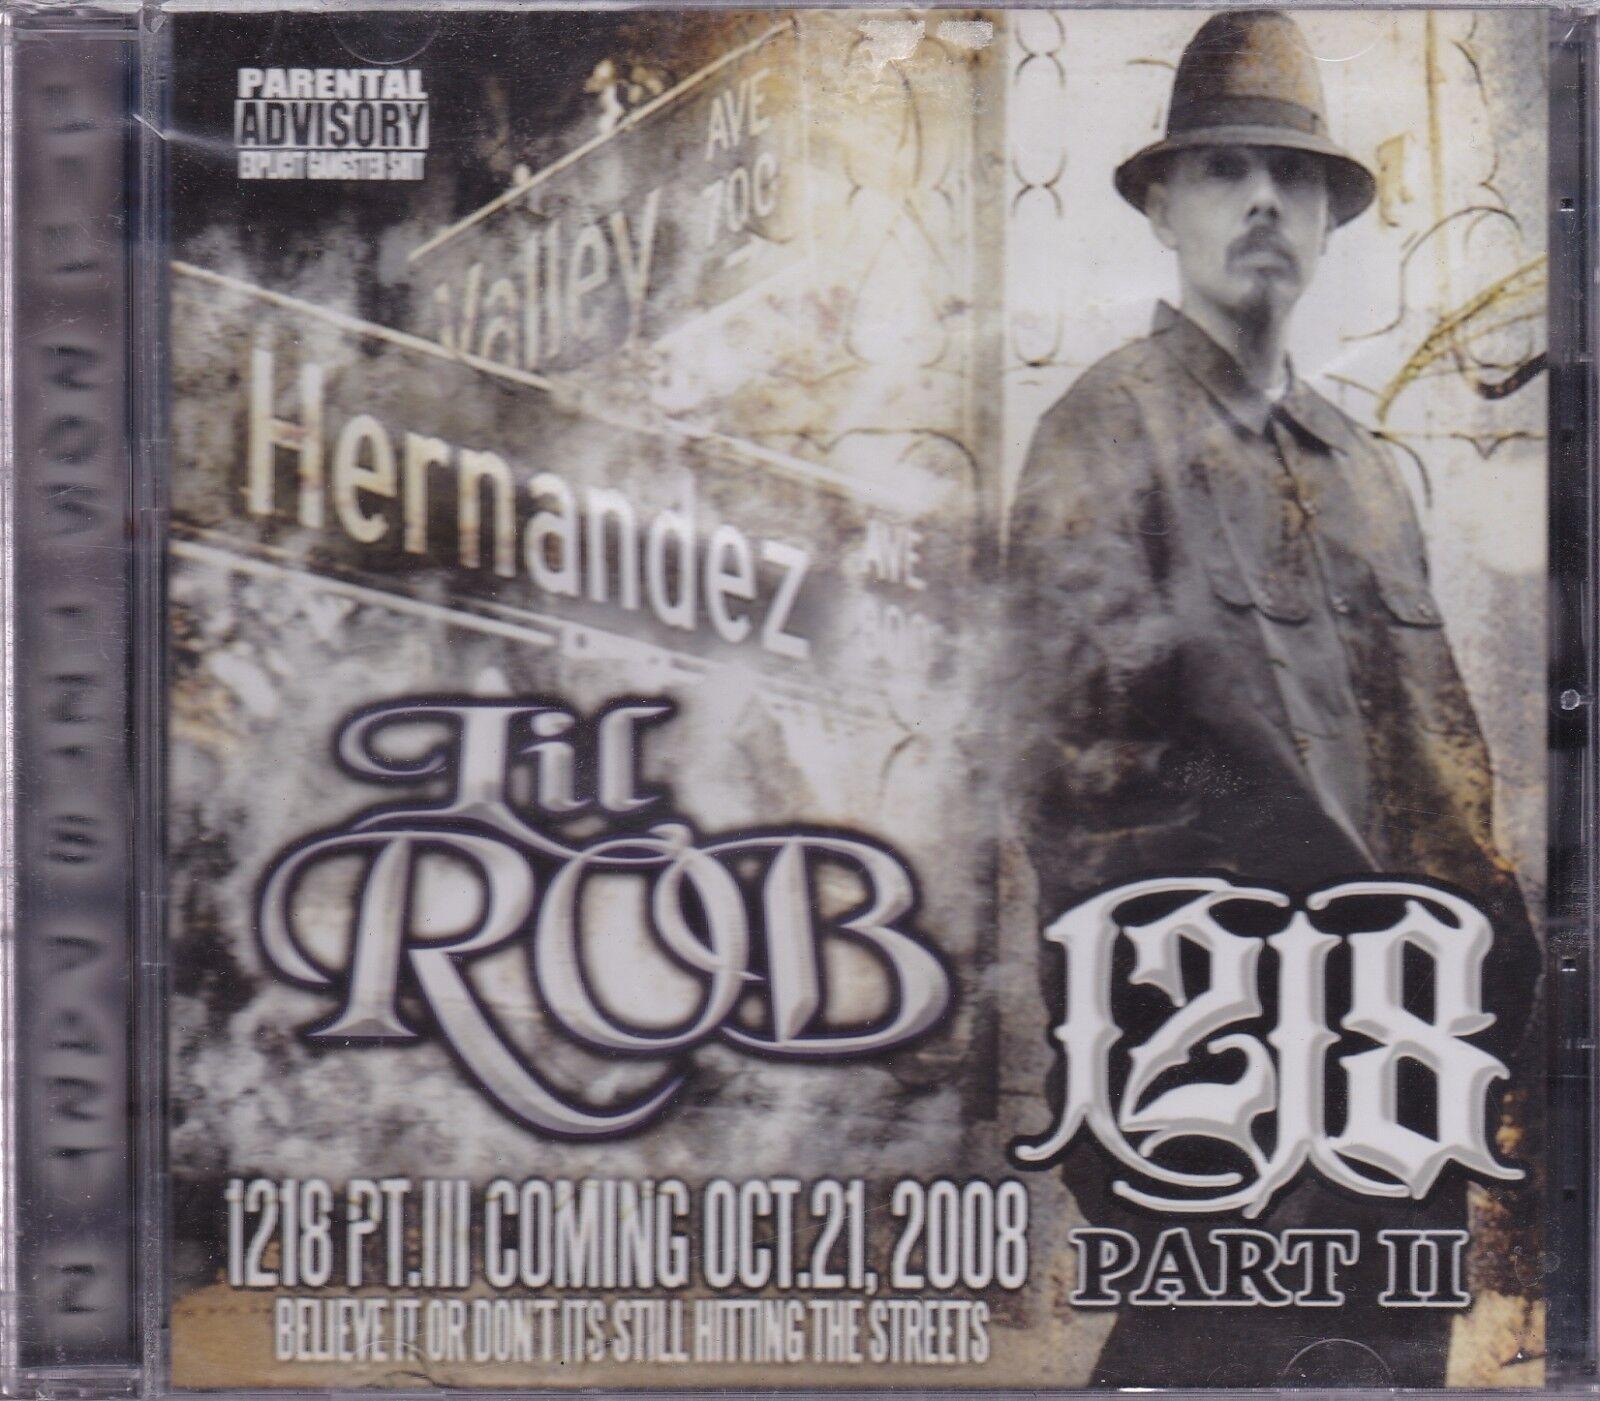 Lil rob 1218 tracklist